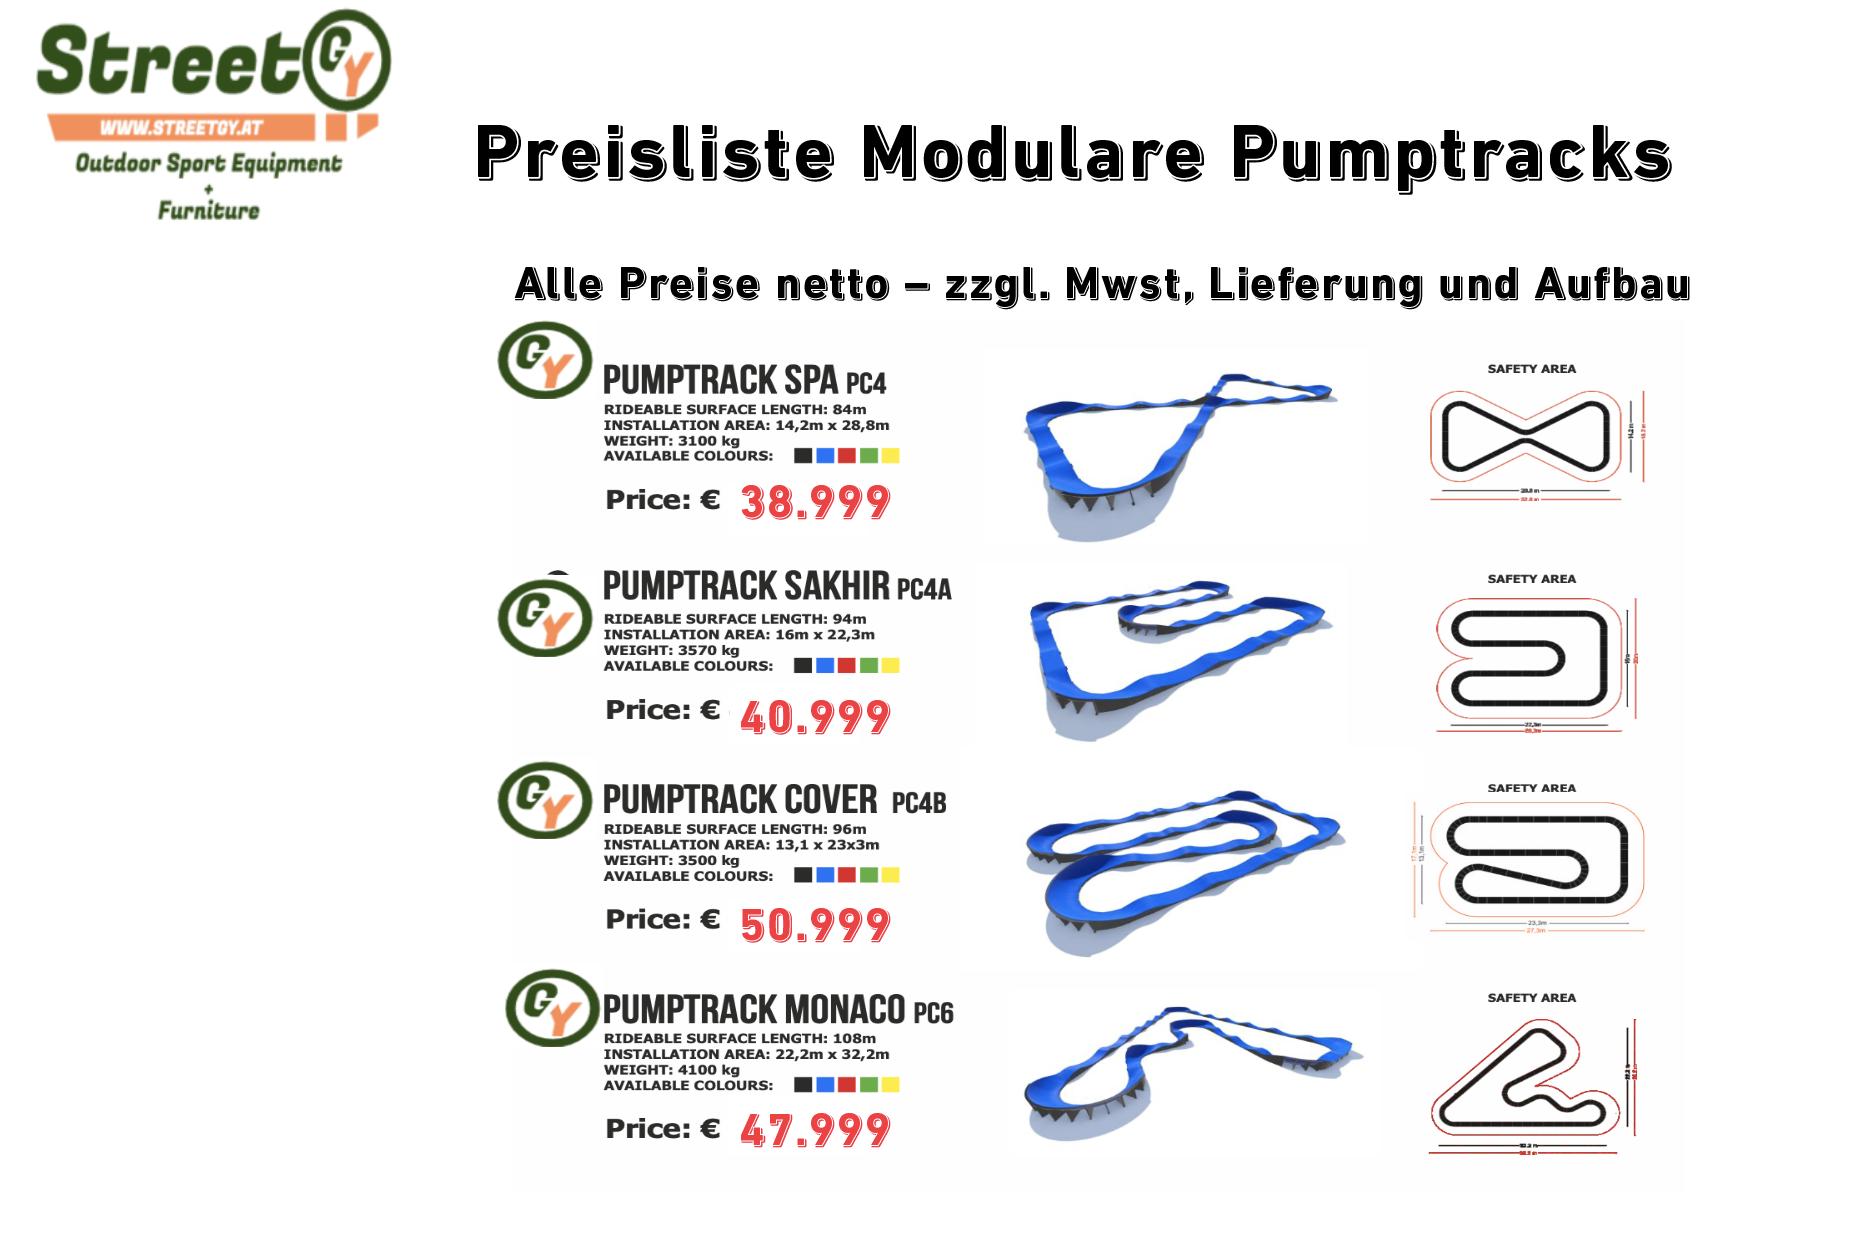 ❤️ Preisliste für Modulare Pumptracks. ❤️ ➡️ Hier finden Sie alle Informationen zu: Pumptrack Preis, Pumptrack kosten und Förderungen für Pumptracks Teil 2